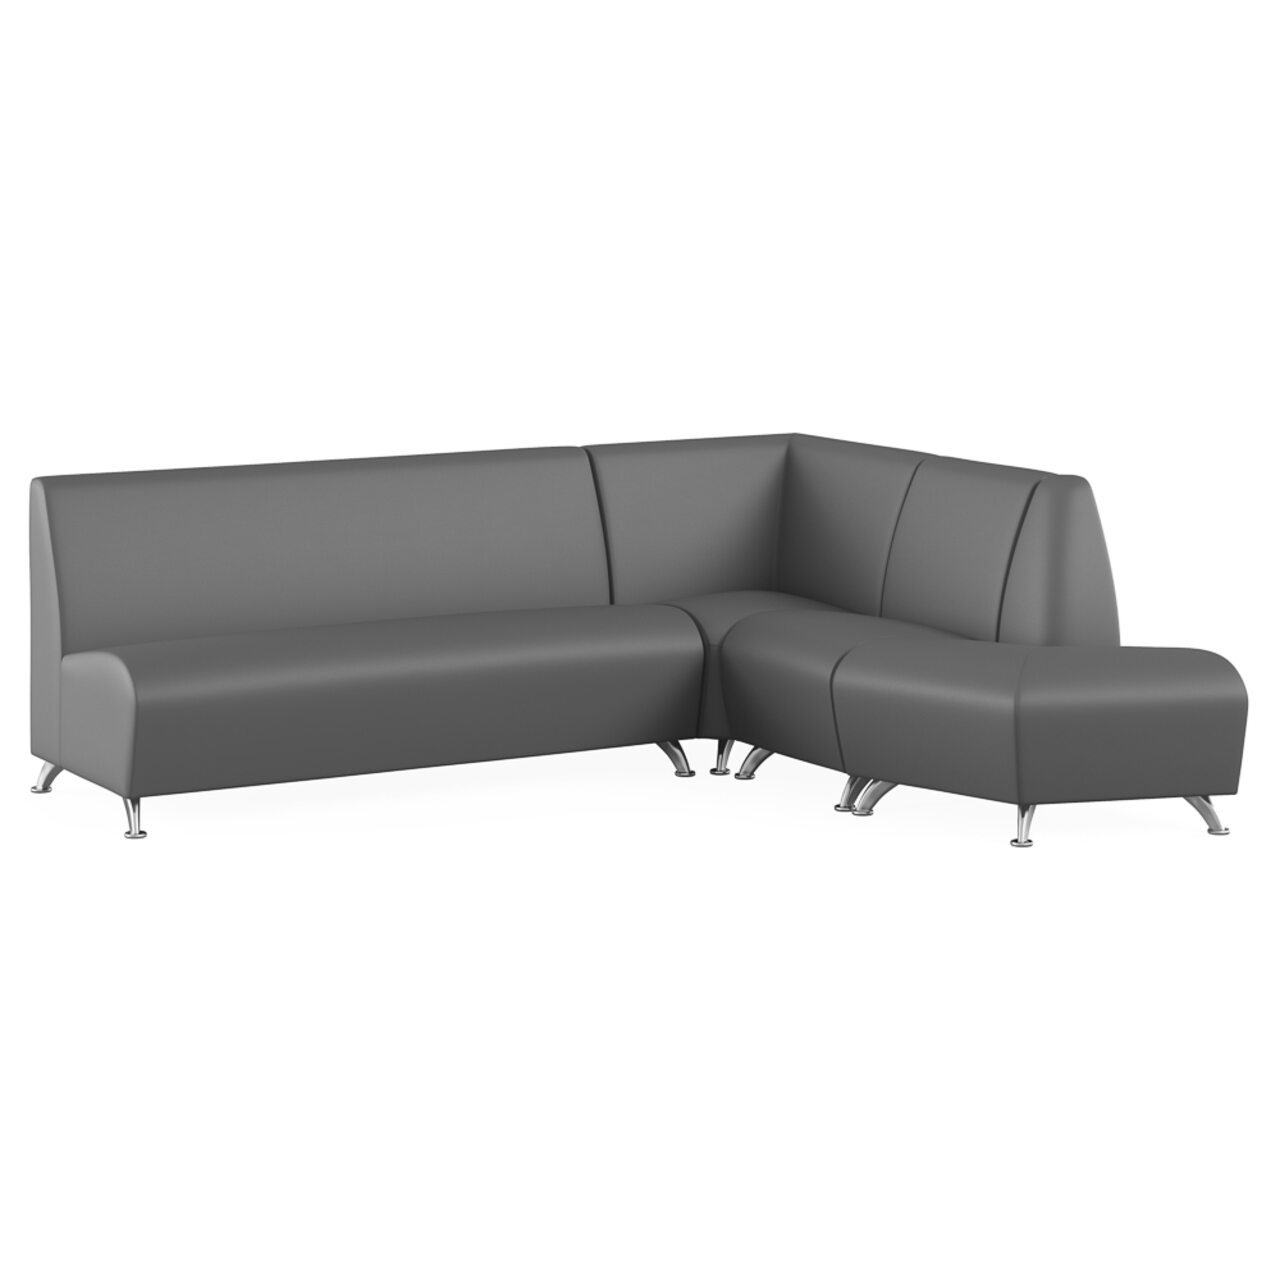 Мягкая офисная мебель ИНТЕР хром - фото 5